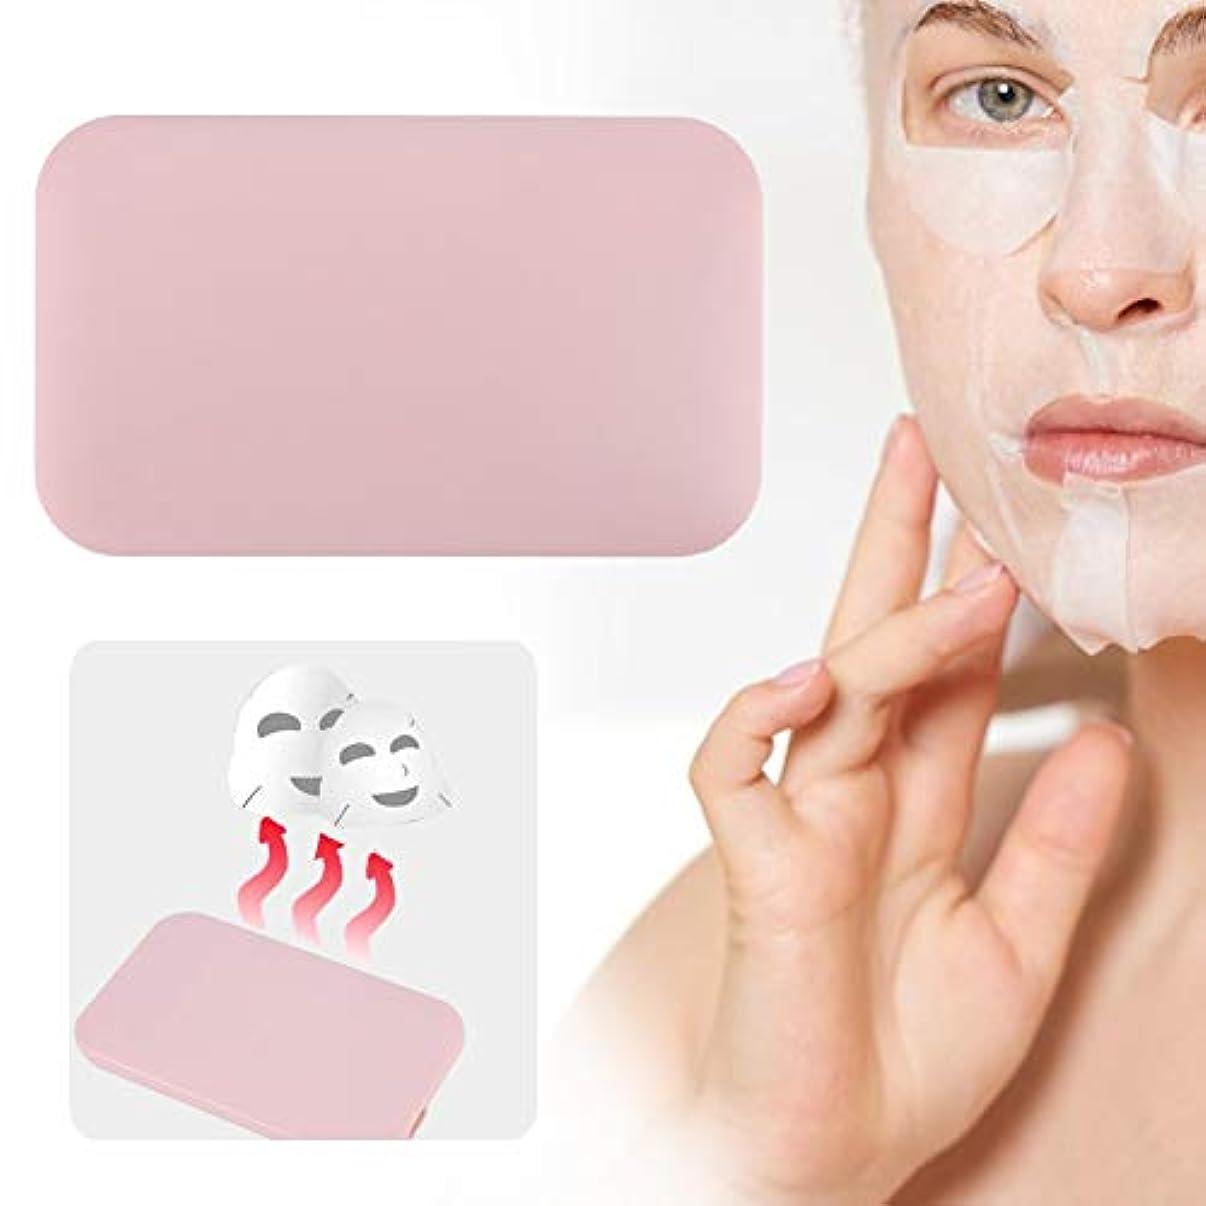 チーフ上に哲学者Rotekt電気顔マスクシートウォーマー強化吸収マスク暖房機ピンク